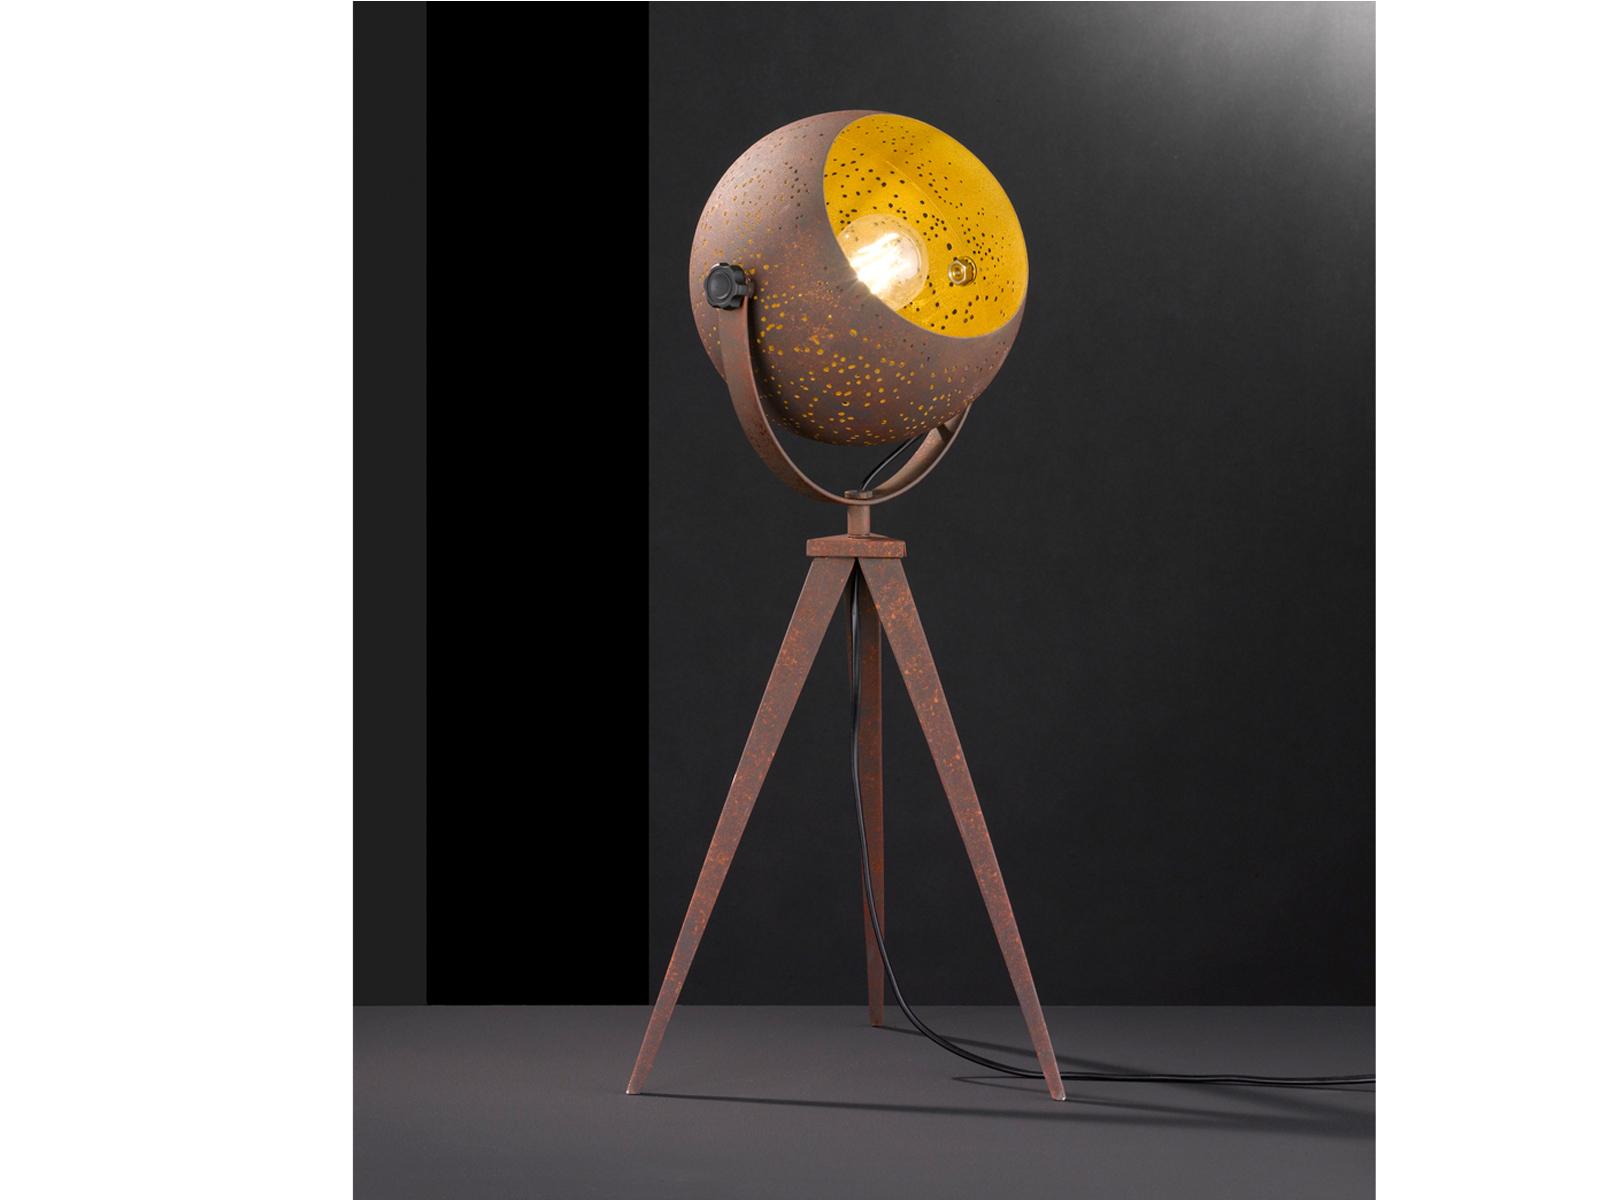 Retro Tischlampe Anitk braun gold Reflektor schwenkbar ...